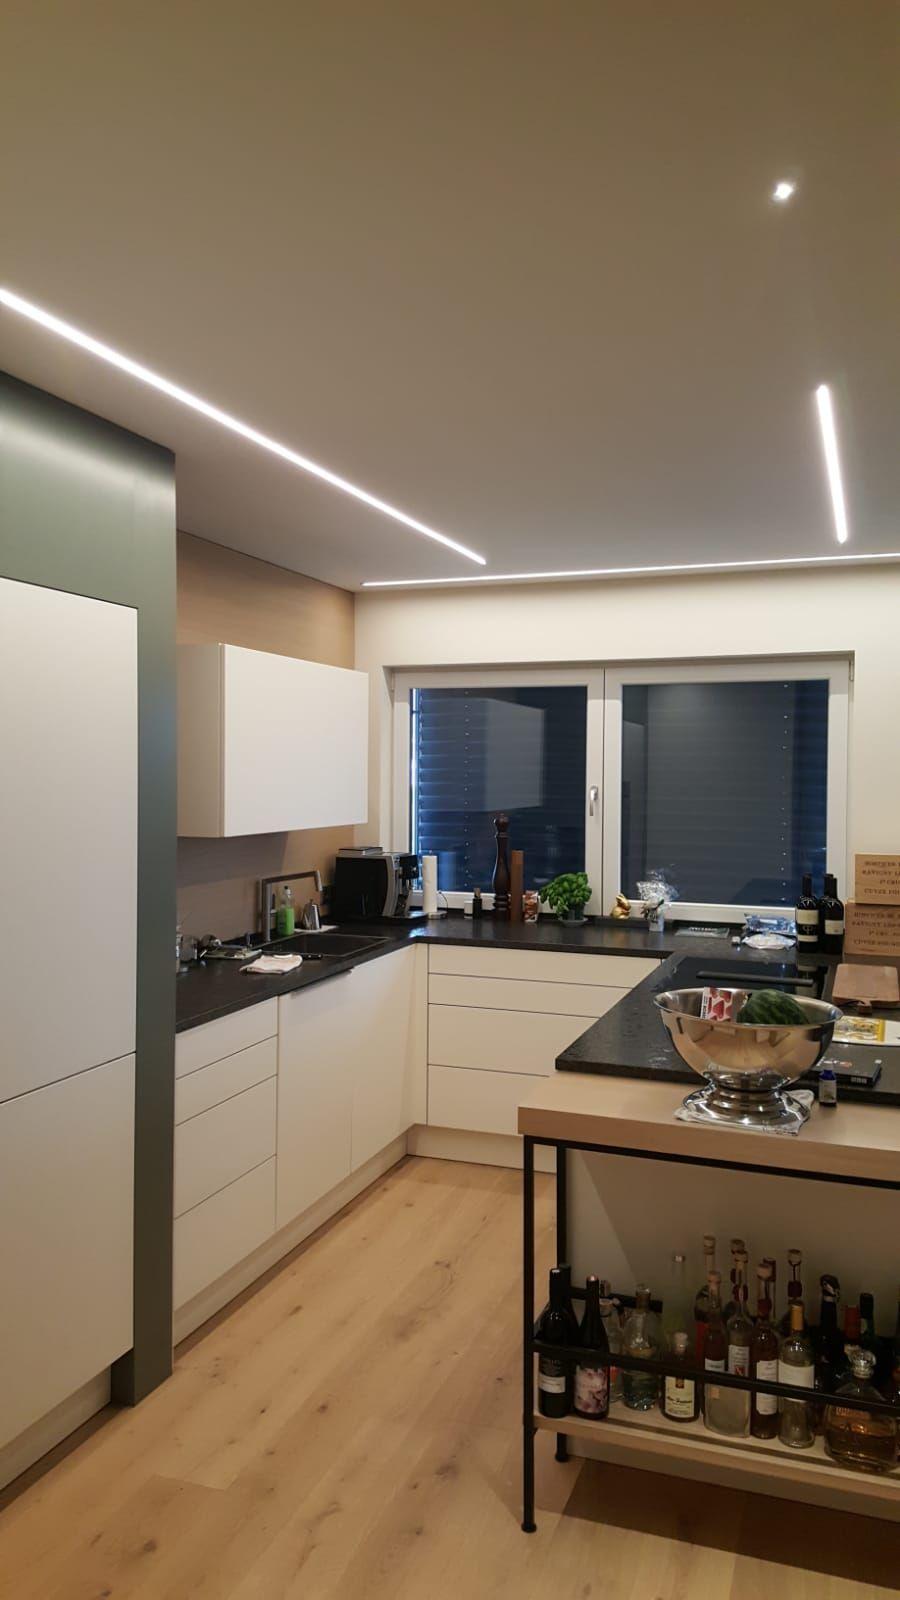 Indirekte Kuchen Beleuchtung Mit Modernen Led Leisten In 2020 Indirekte Beleuchtung Led Leisten Beleuchtung